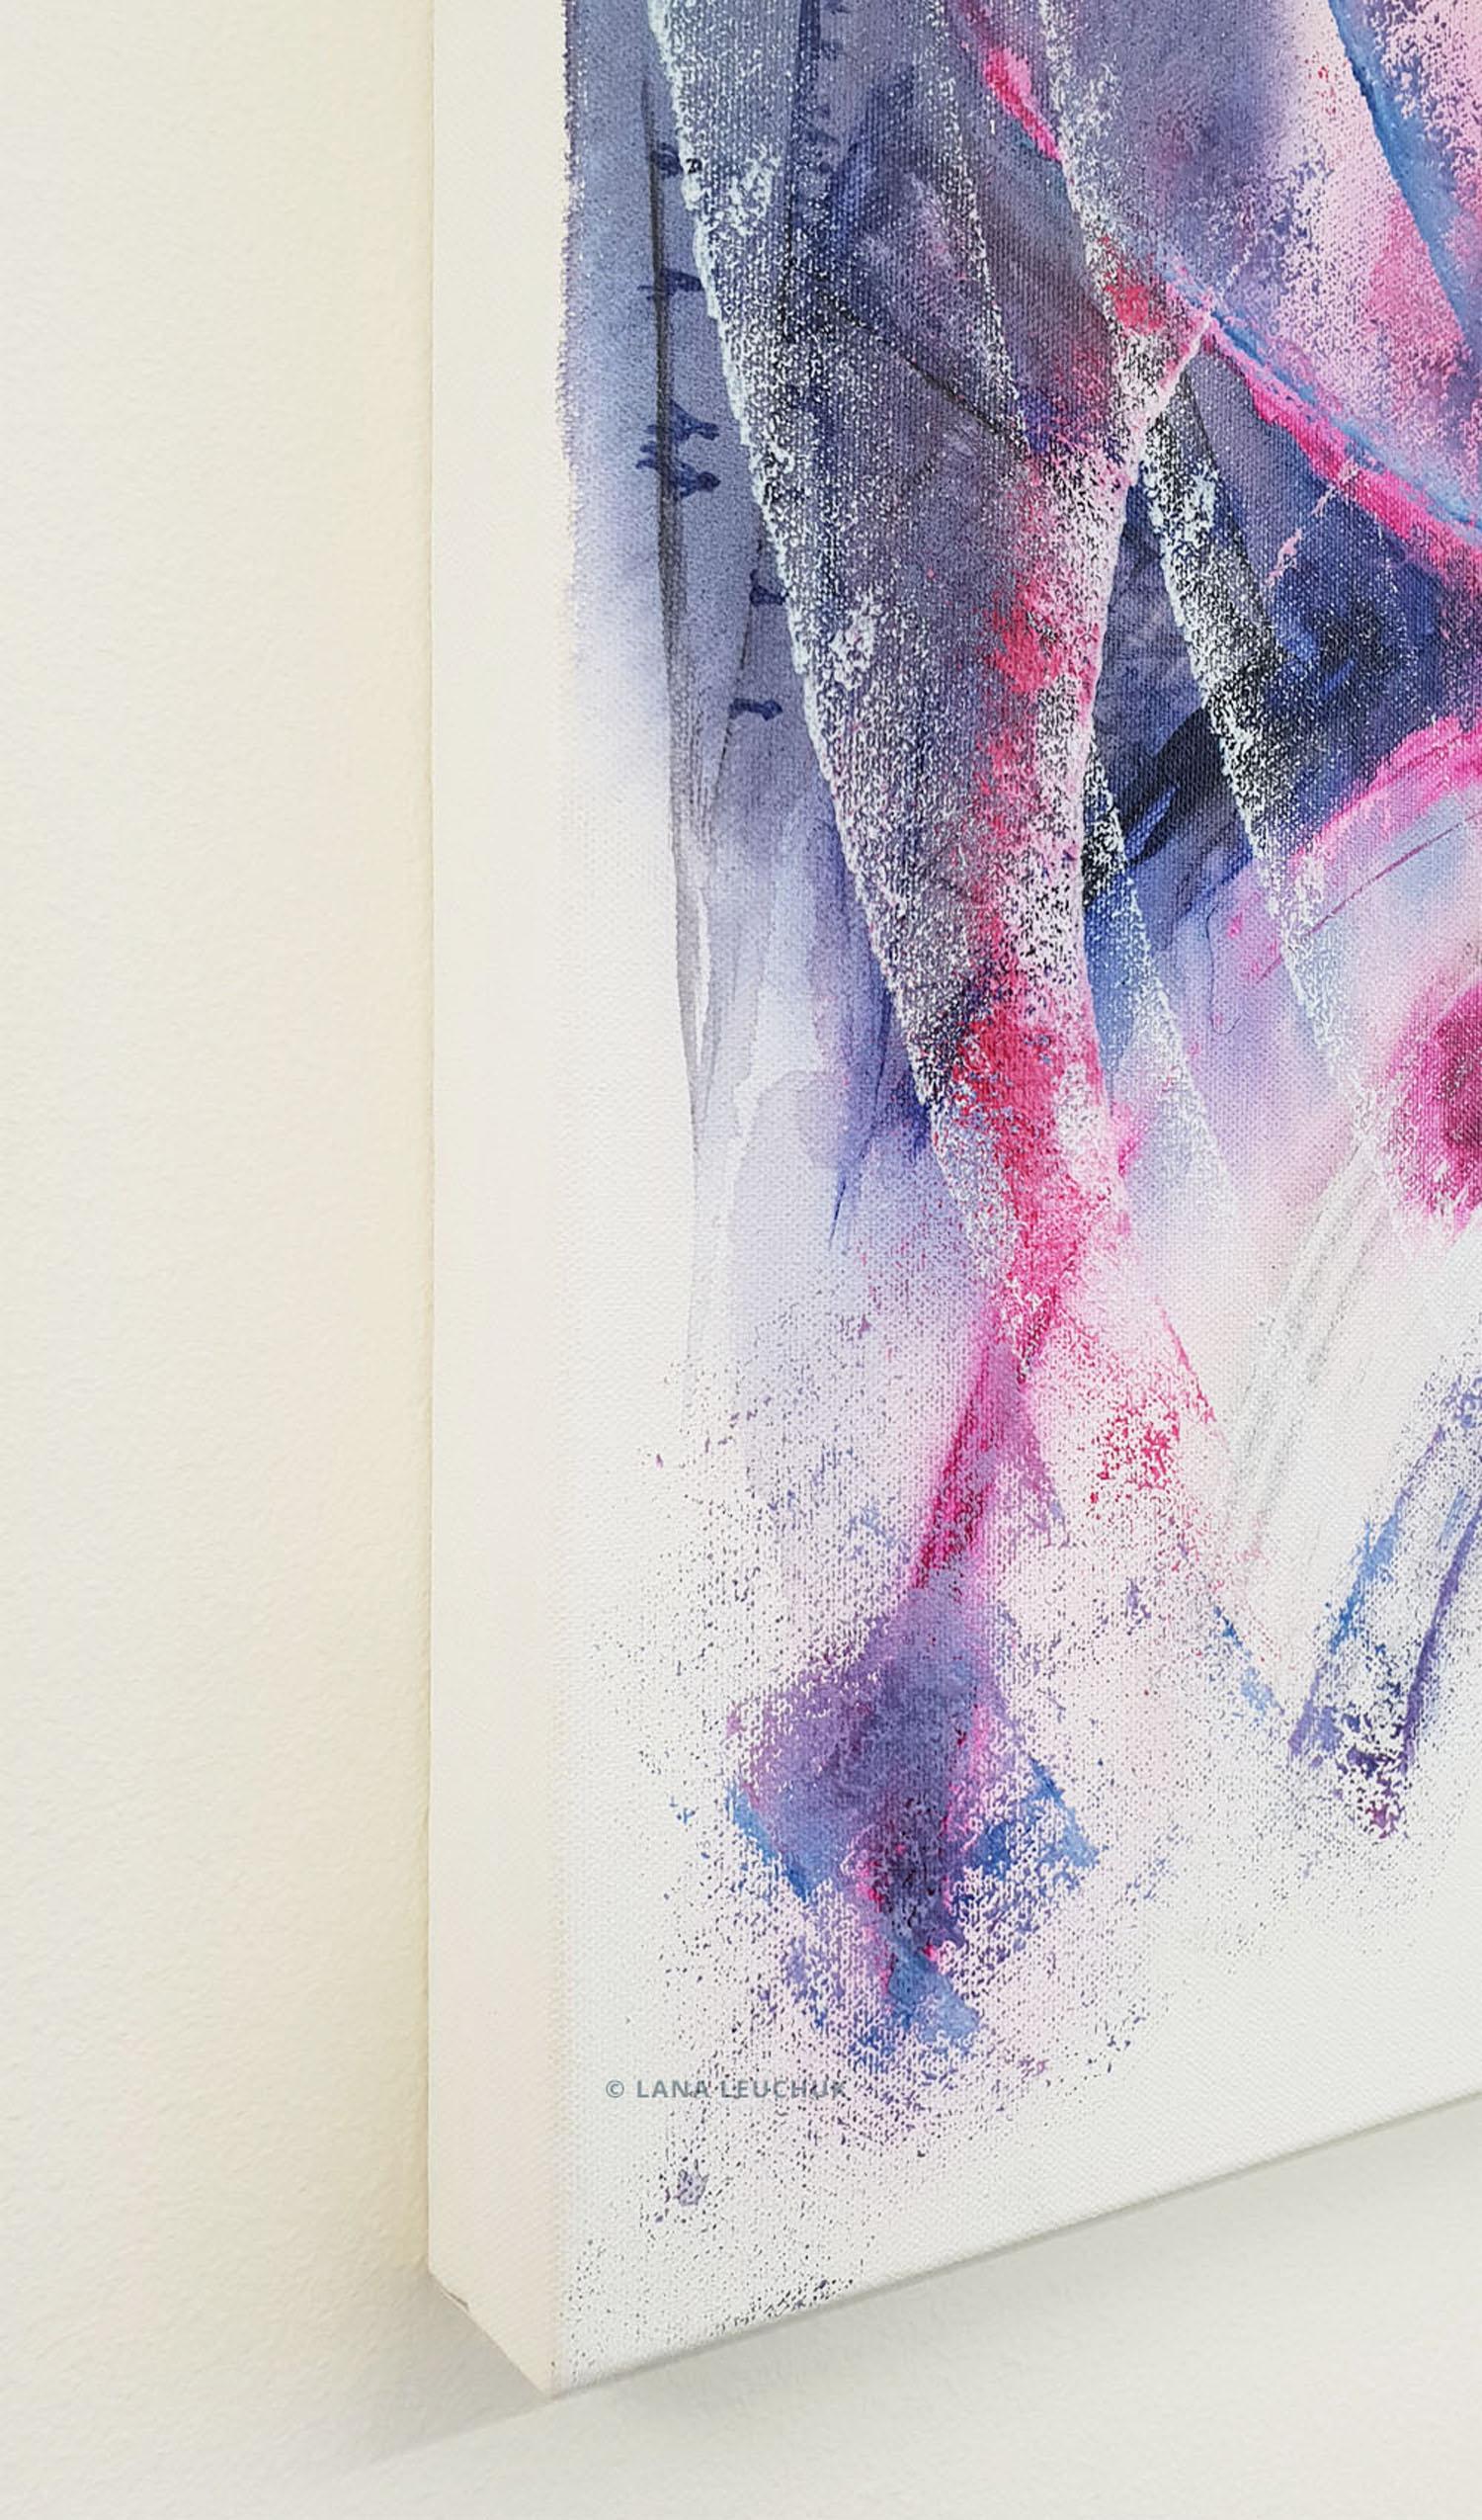 artwork-by-Lana-Leuchuk-Take Me Away-detail-3